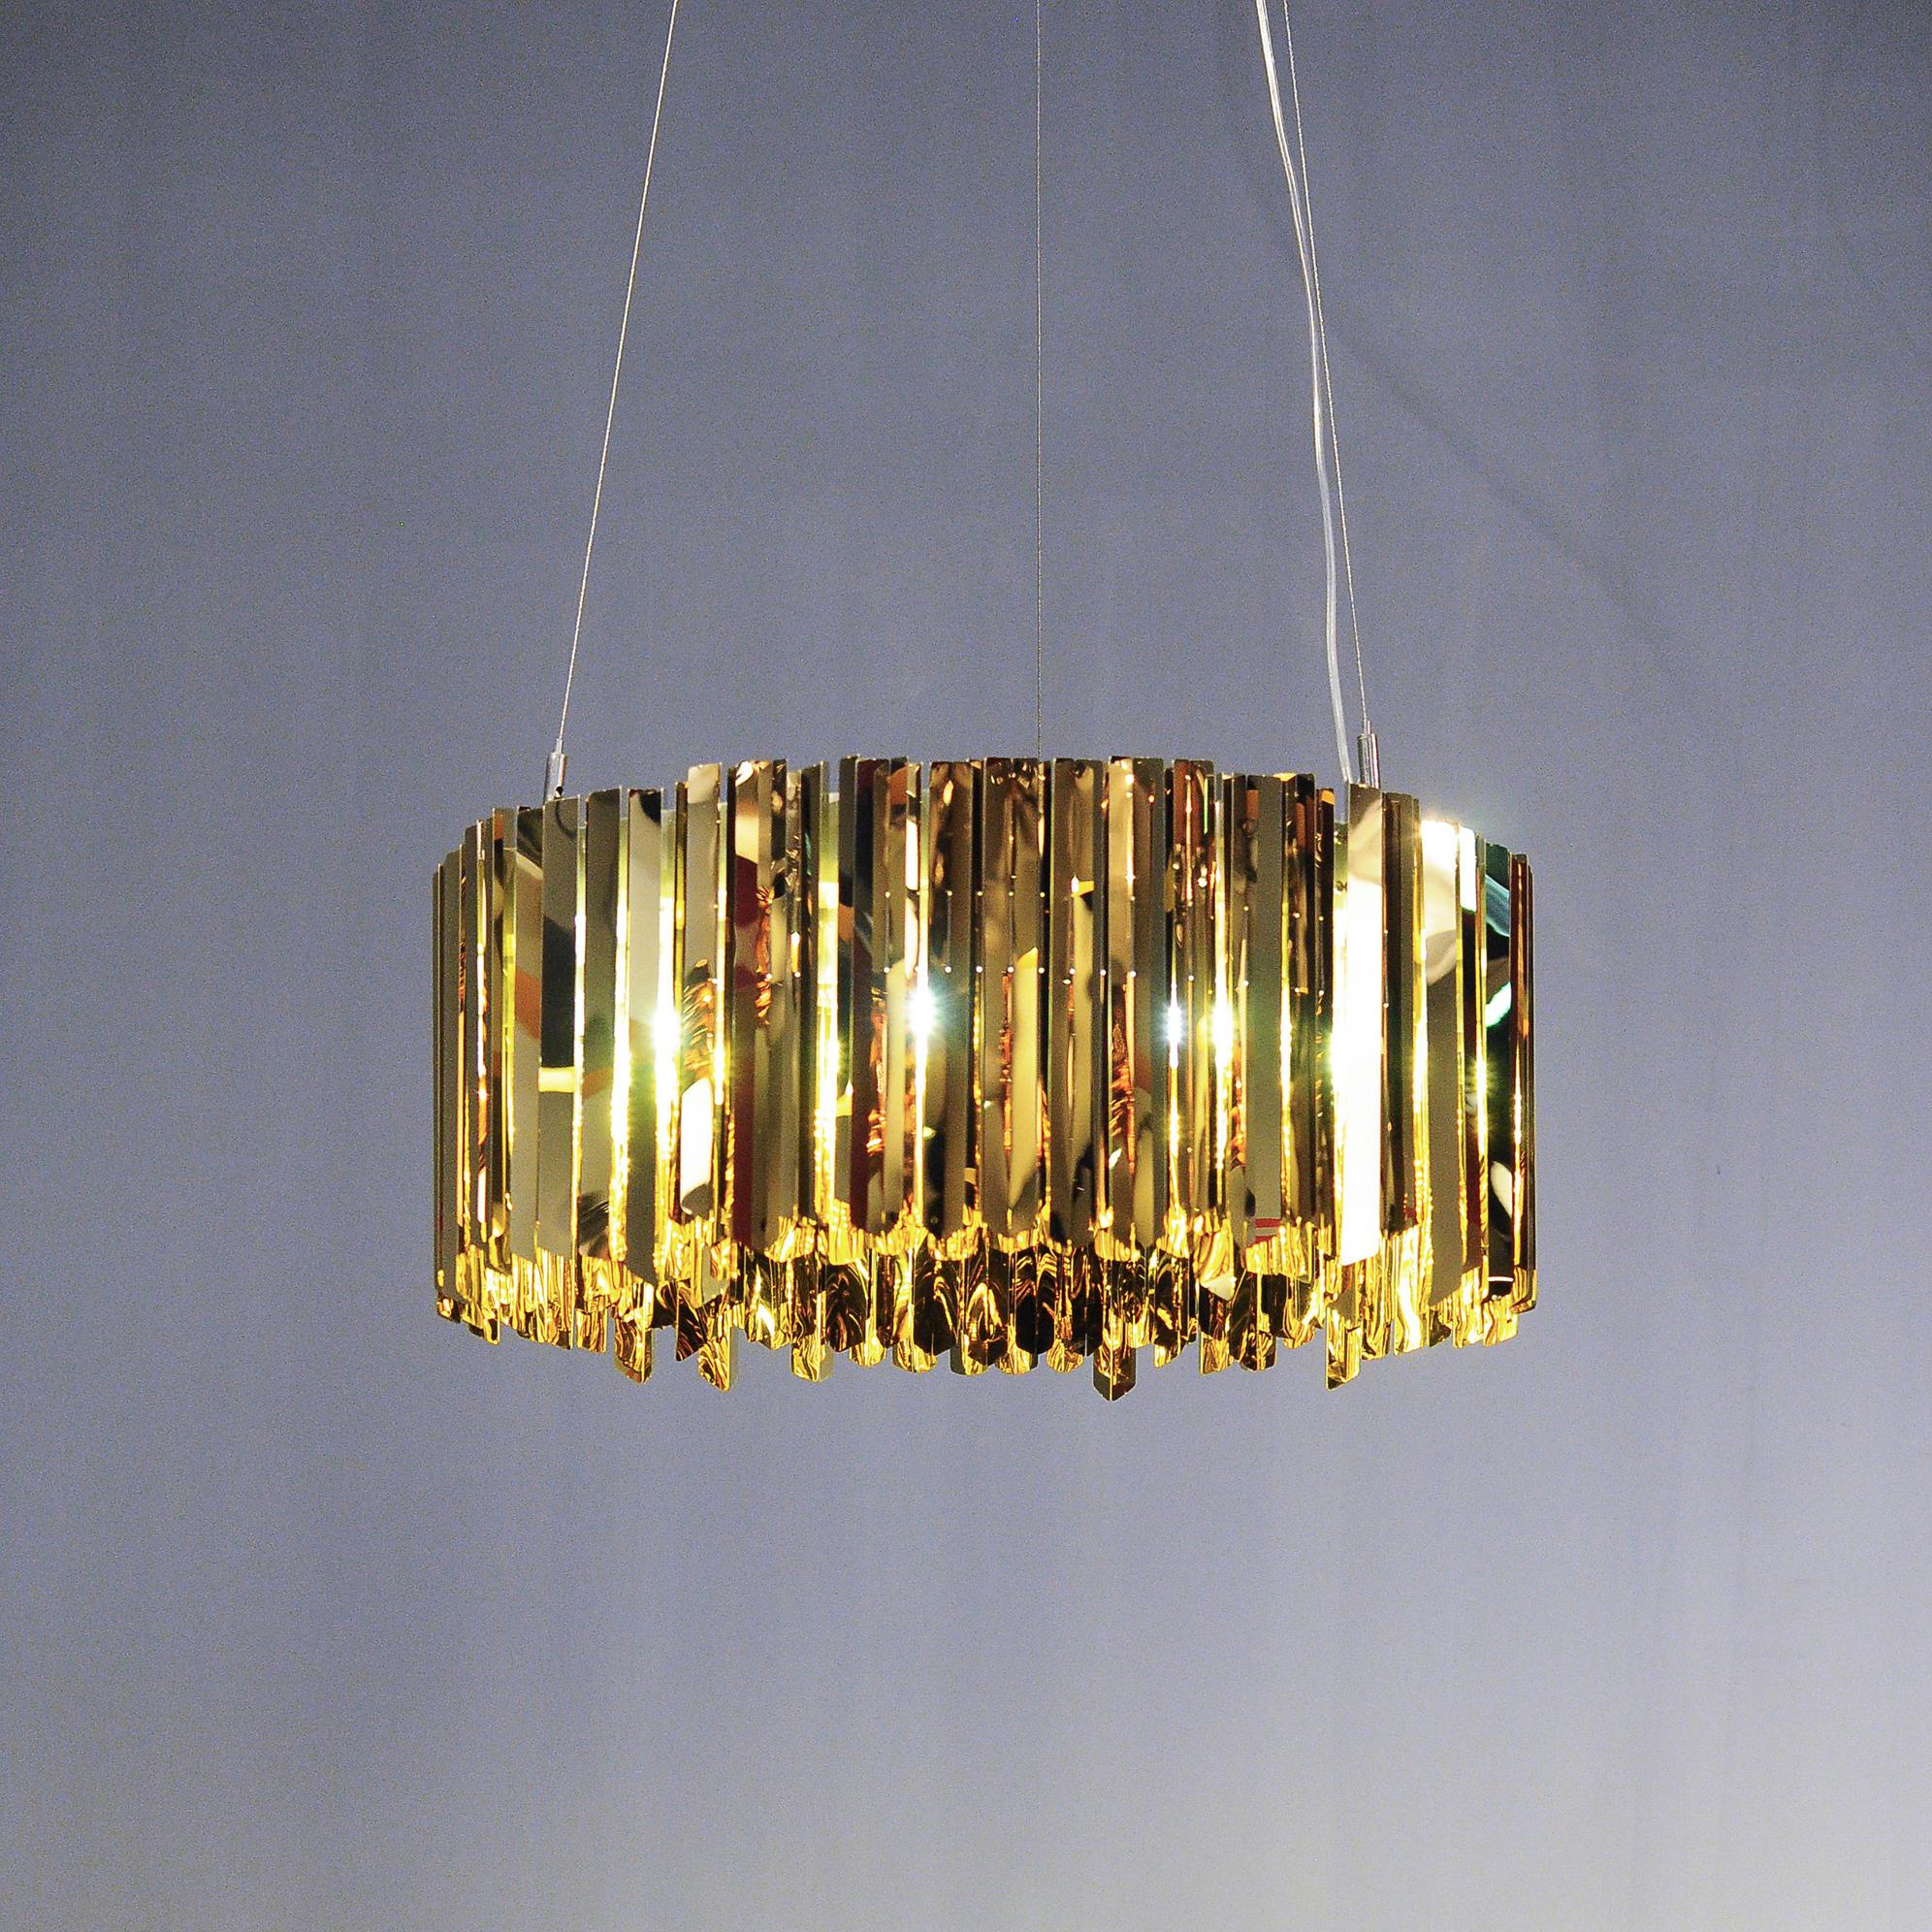 Подвесной светильник копия Tom Kirk Facet by Innermost D80 (золотой)